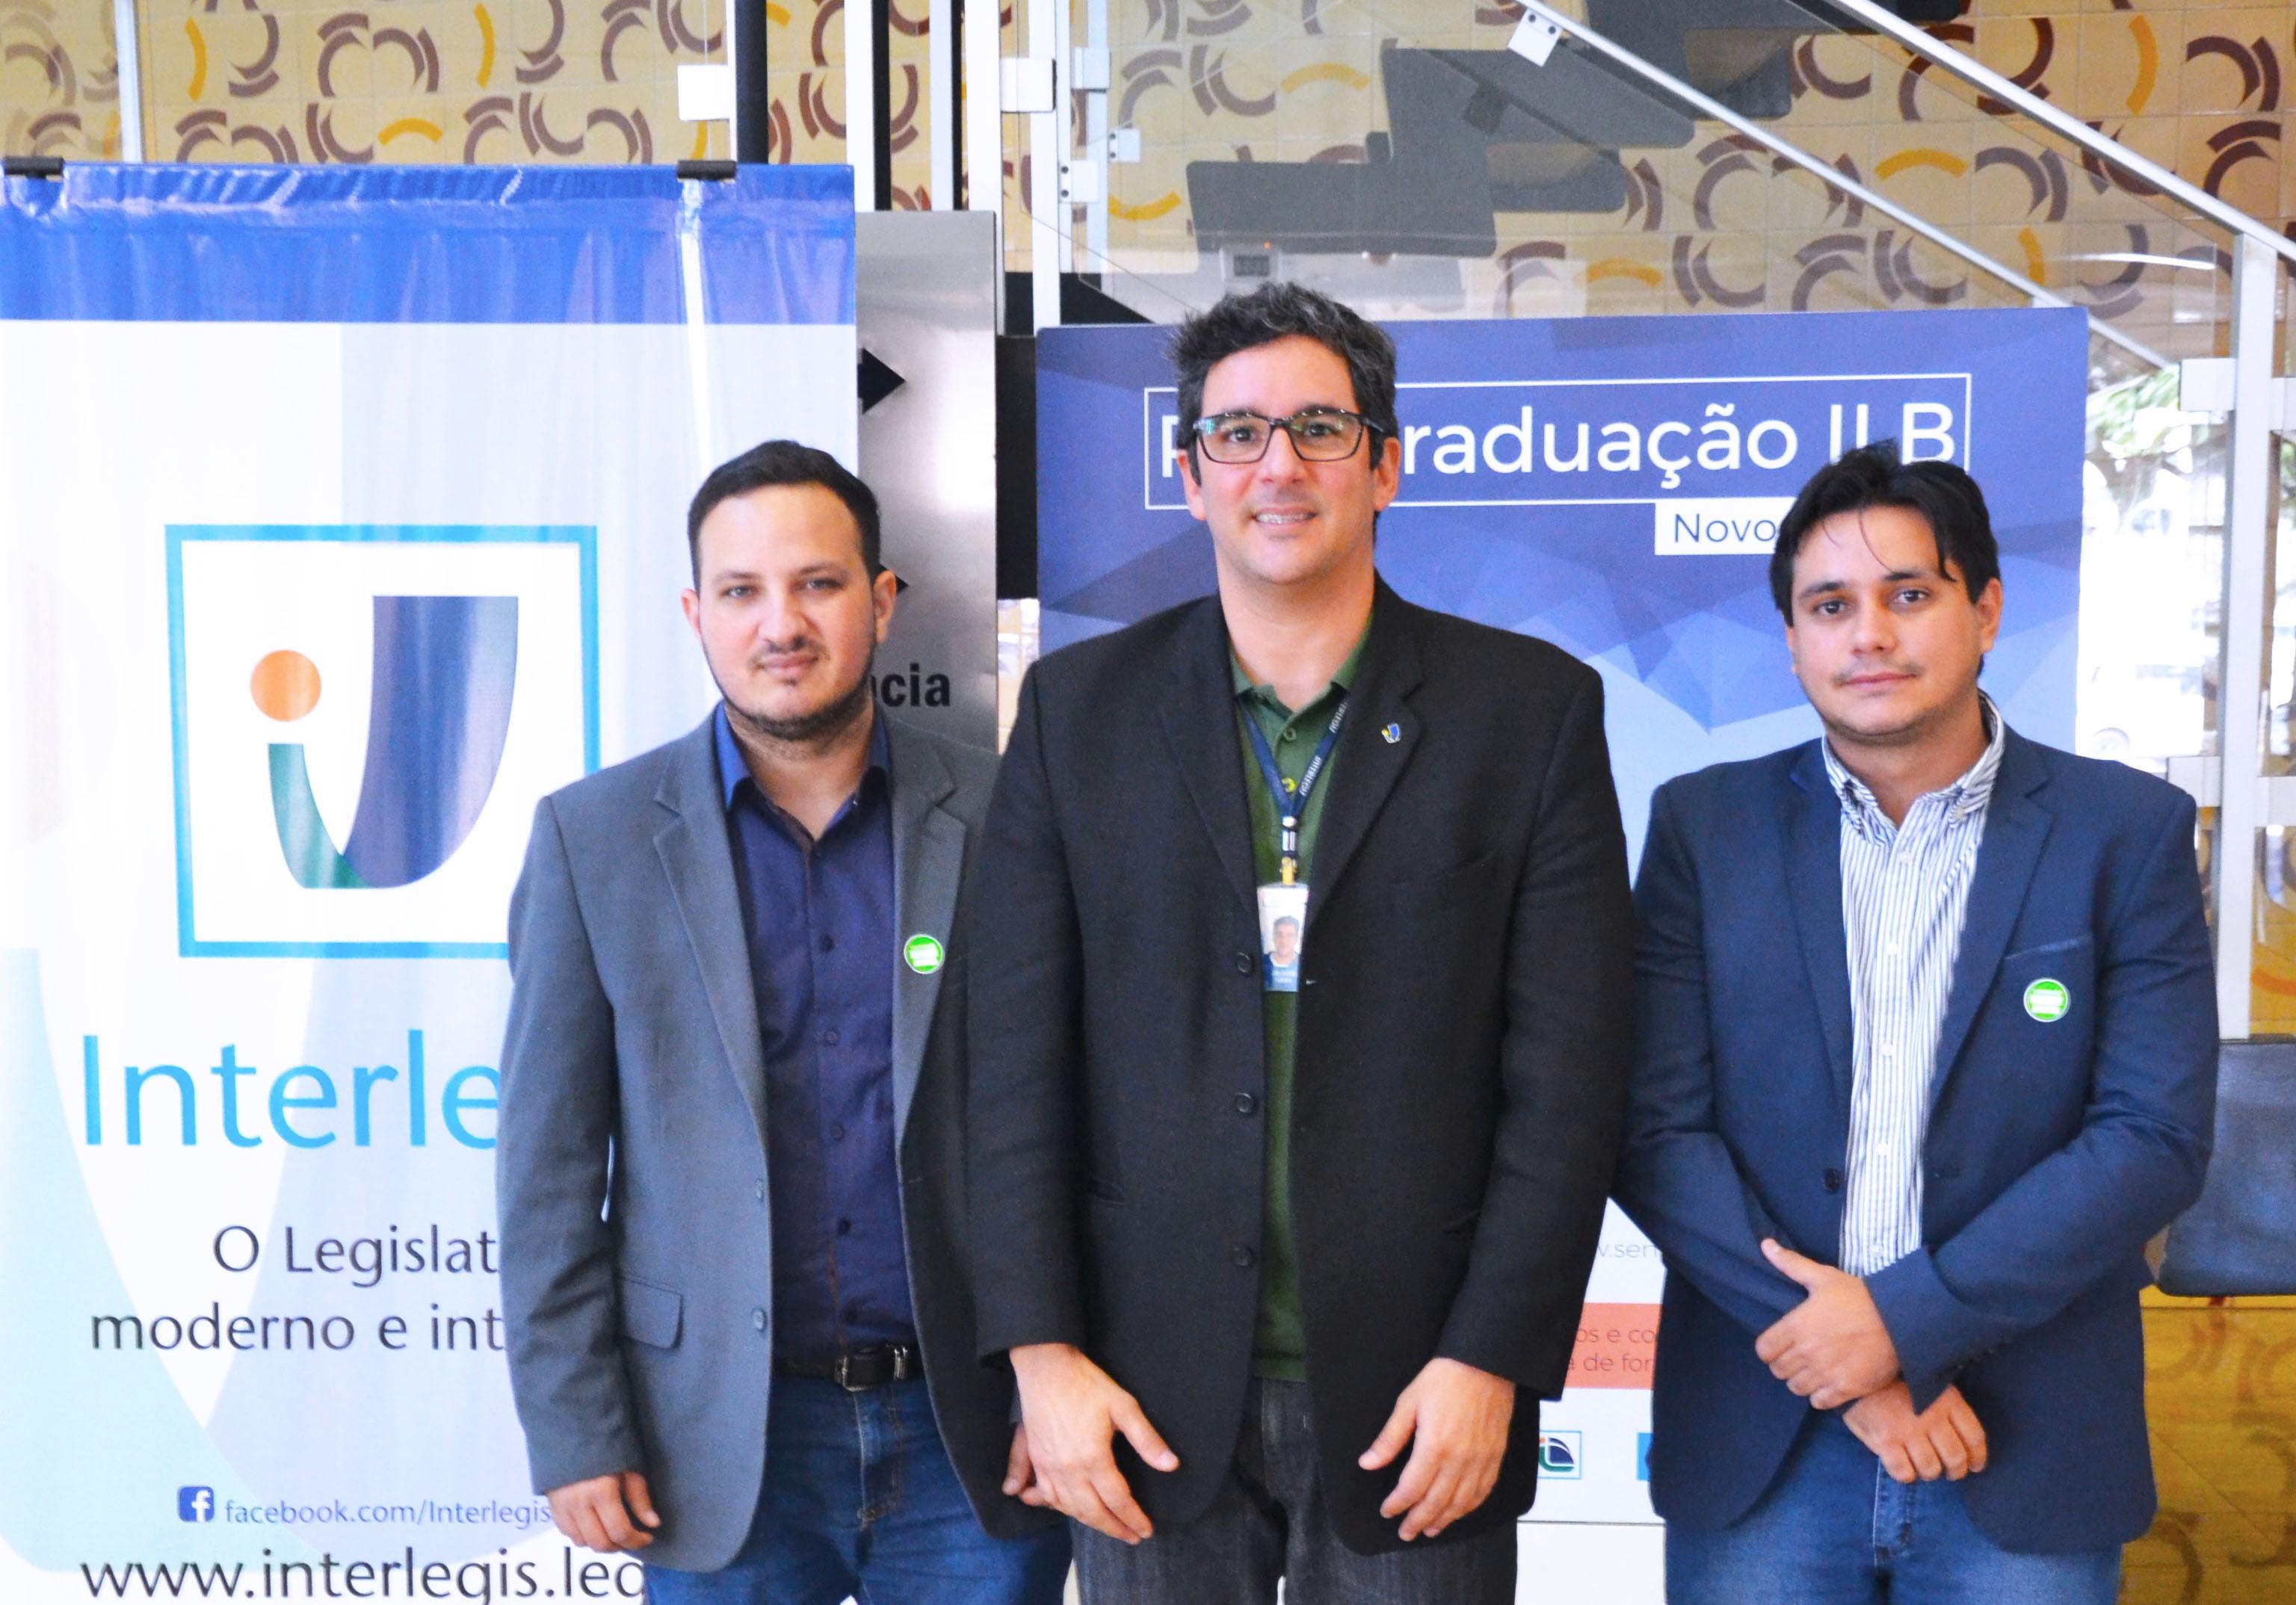 Escola do Legislativo de Rondônia busca novas parcerias com o Interlegis/ILB